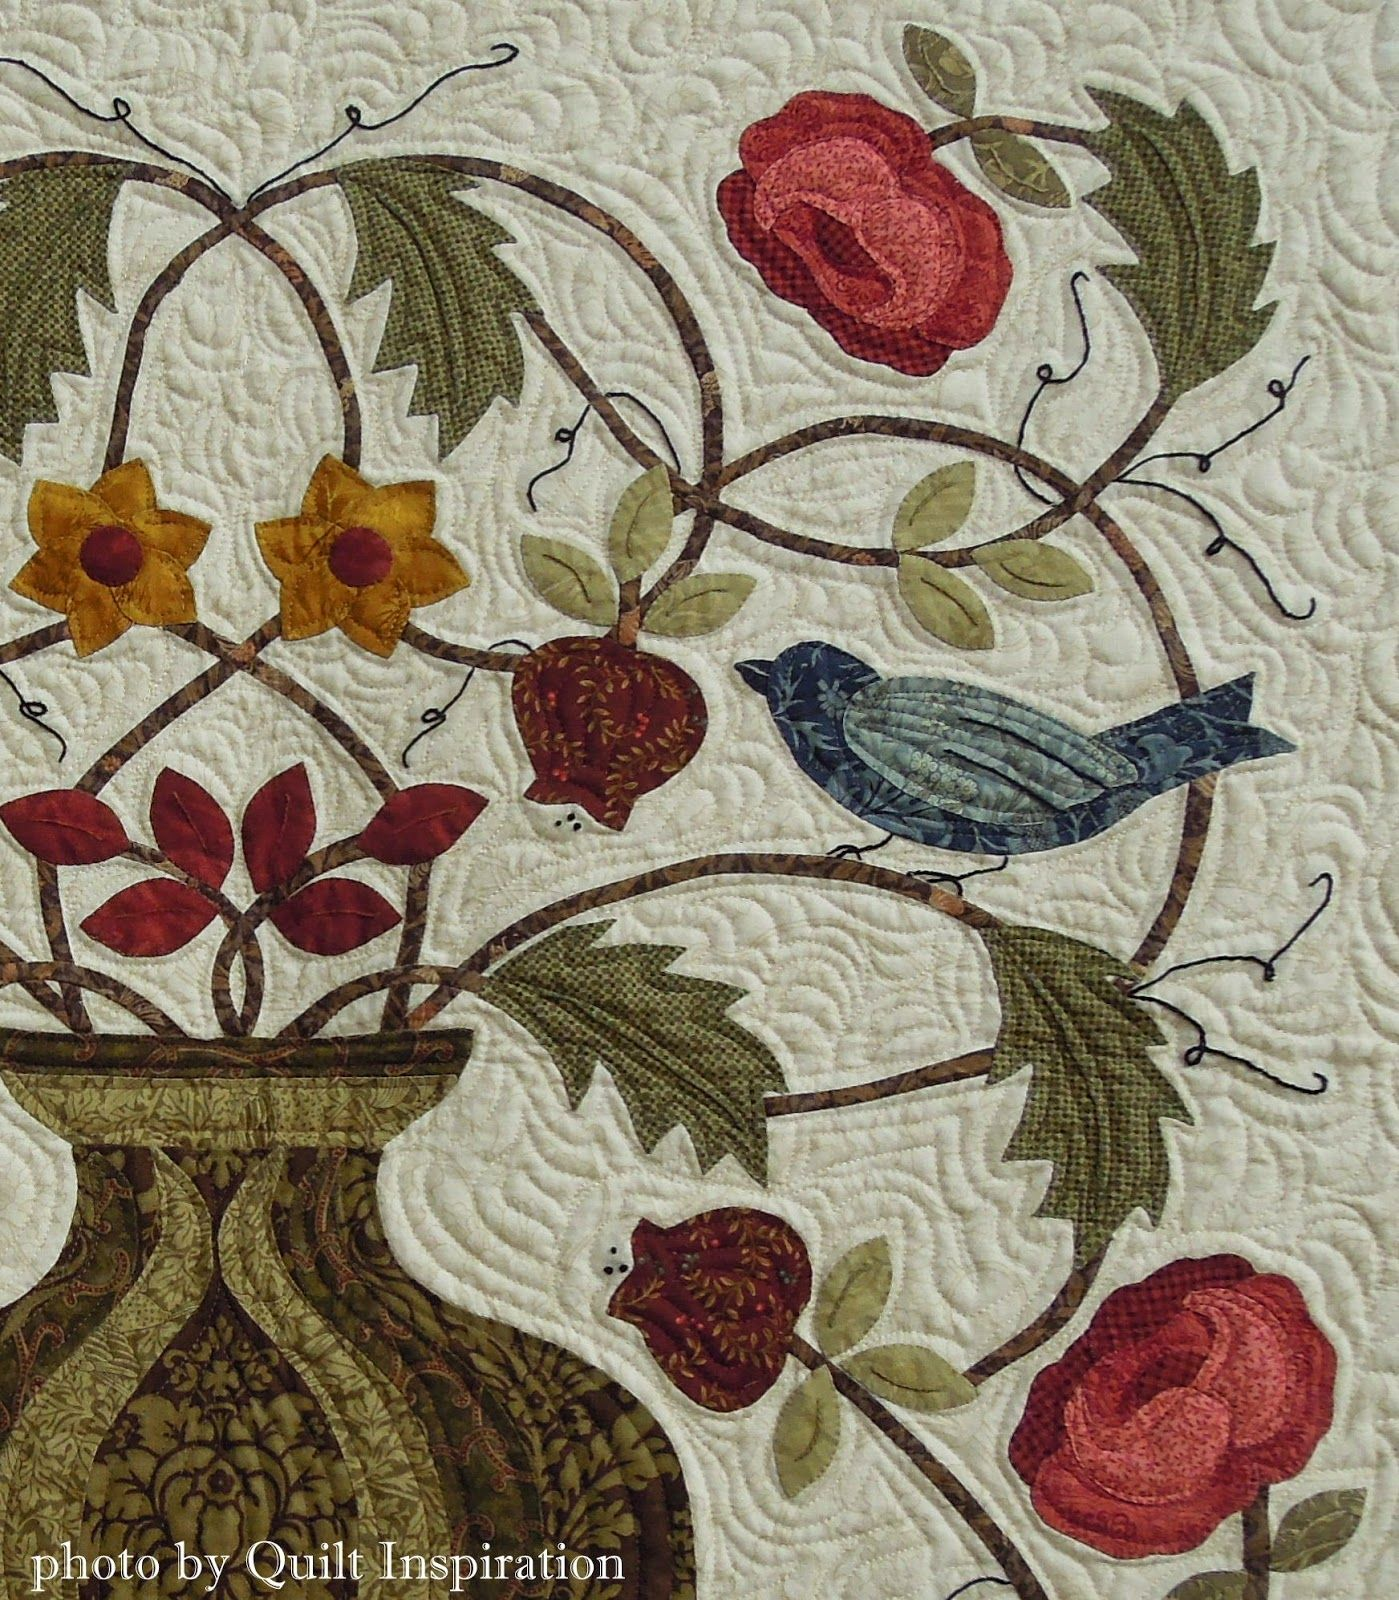 William Morris (1834 –1896) was an English textile designer ... : william morris quilt patterns - Adamdwight.com